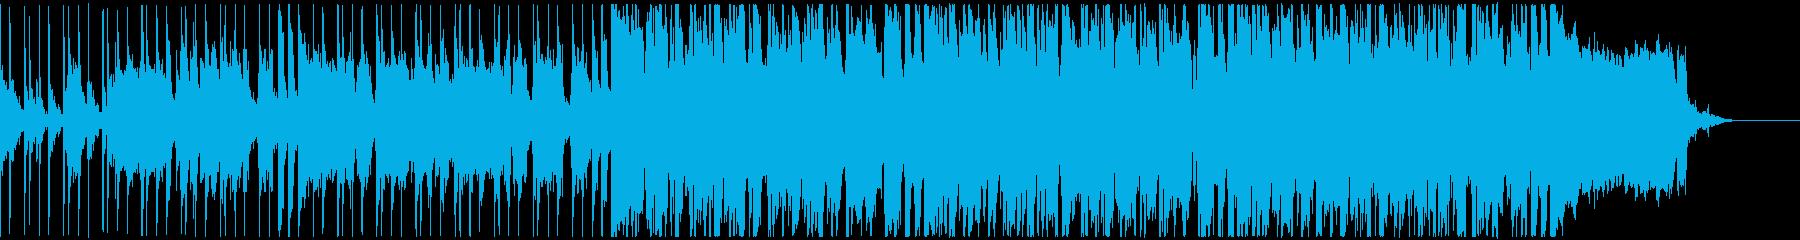 ロック調のダンスインスト曲の再生済みの波形